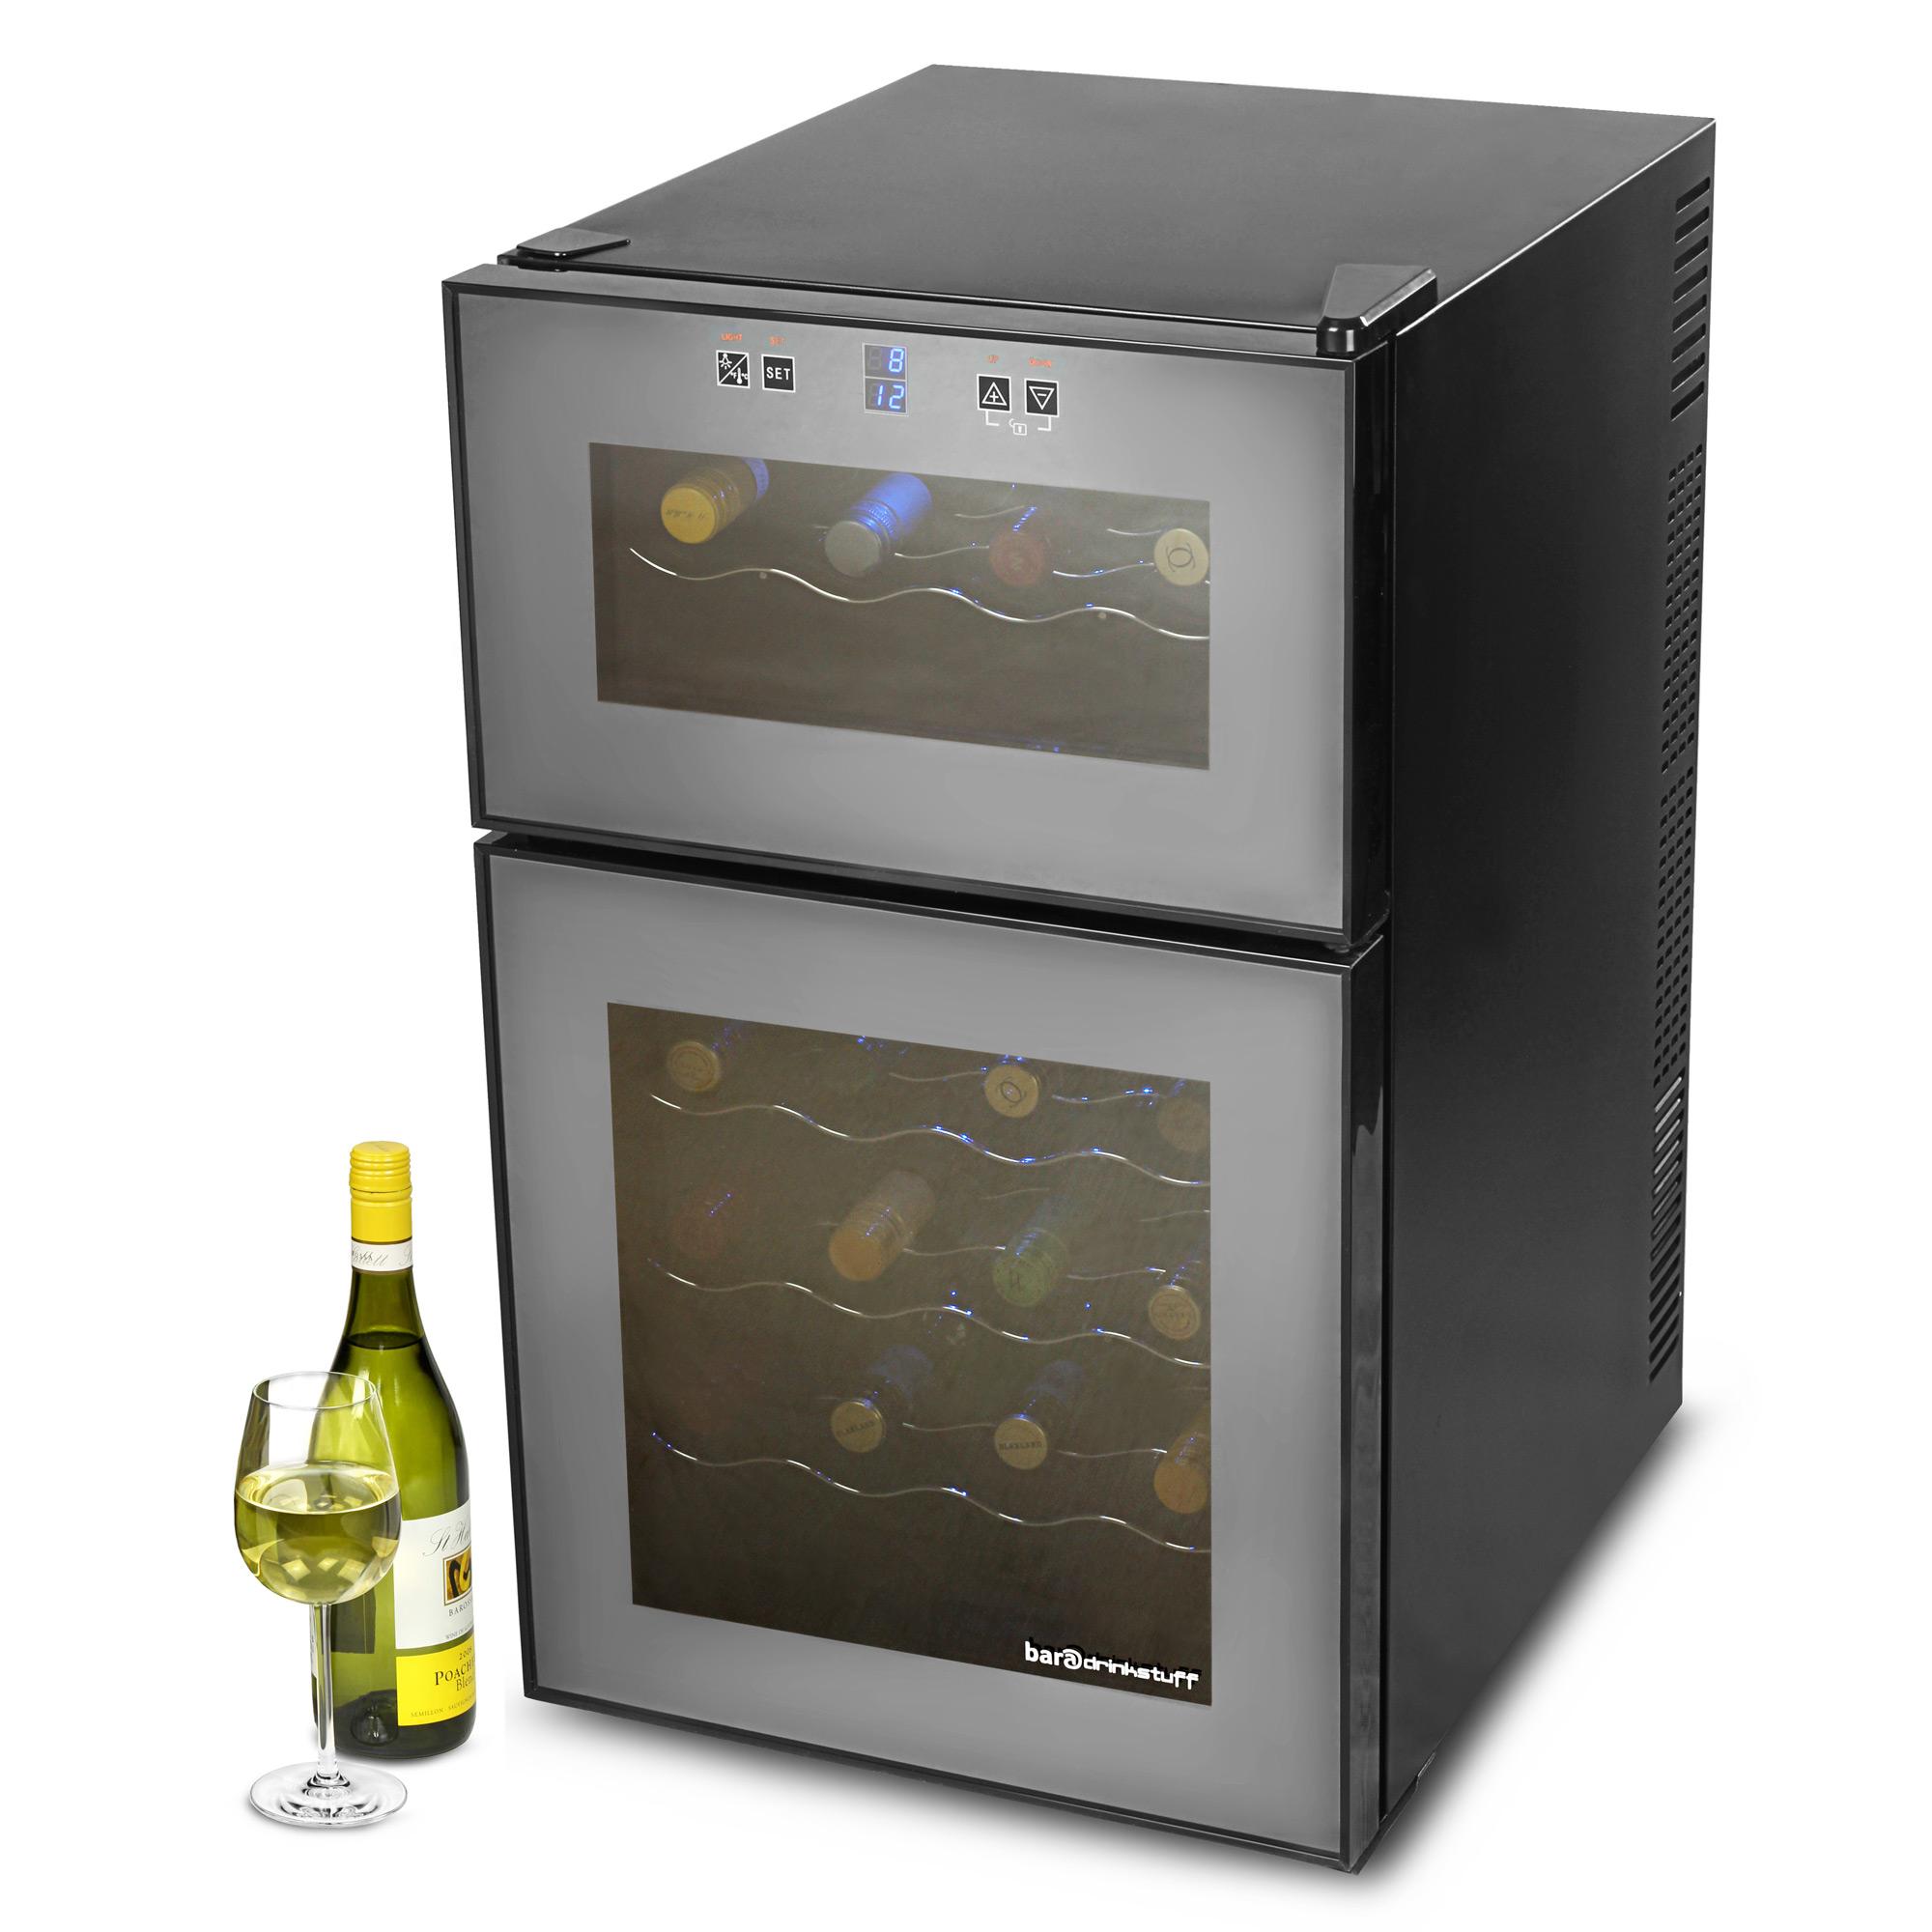 vinotech 24 bottle dual zone wine cellar